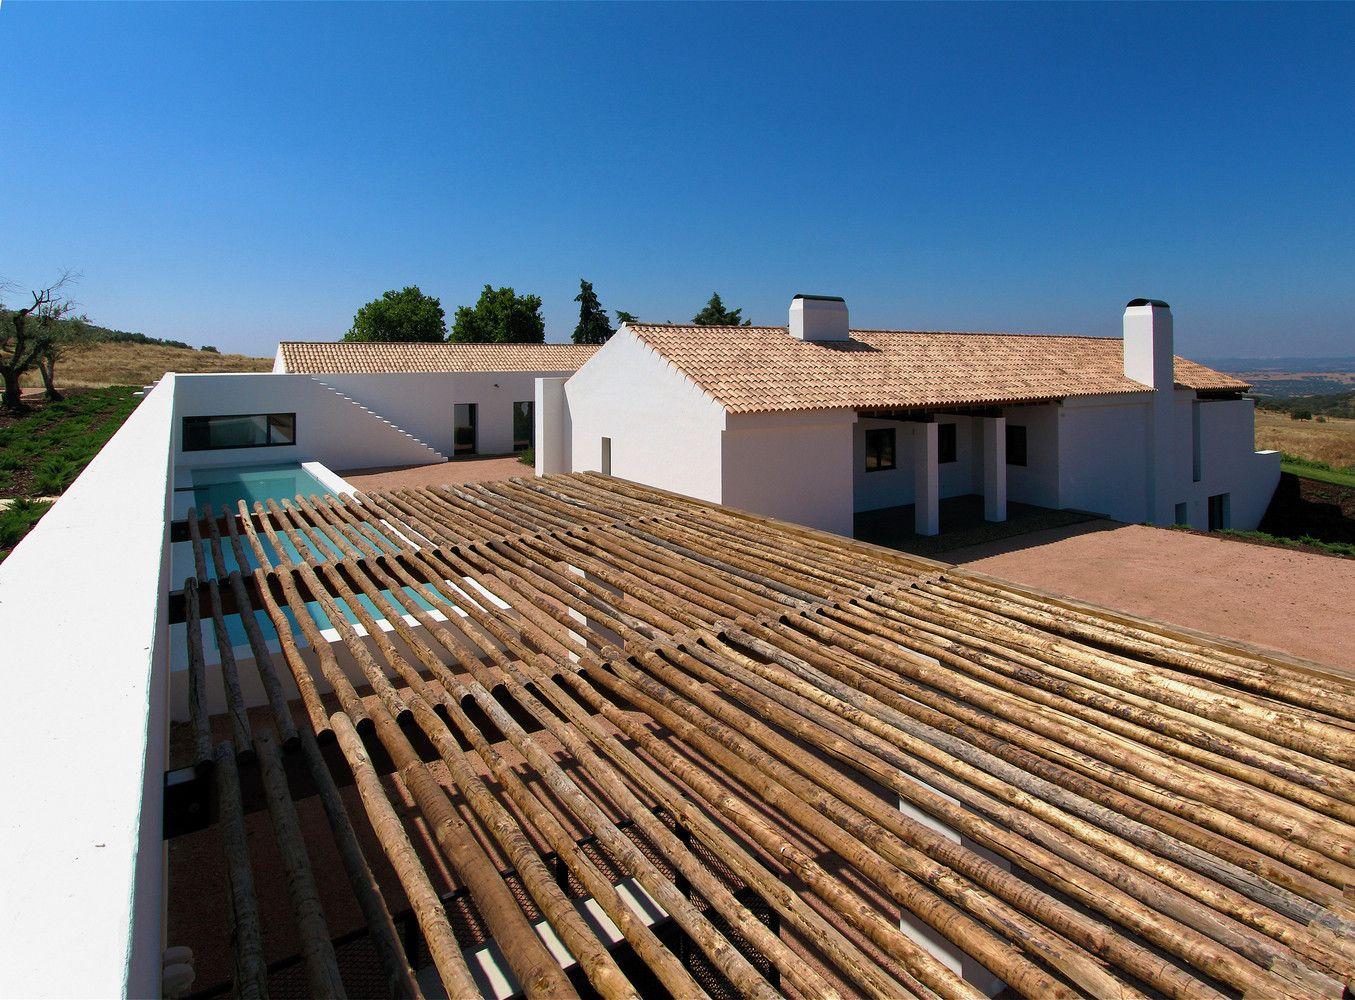 Galeria de Casa em Vila Boim / Intergaup - 9